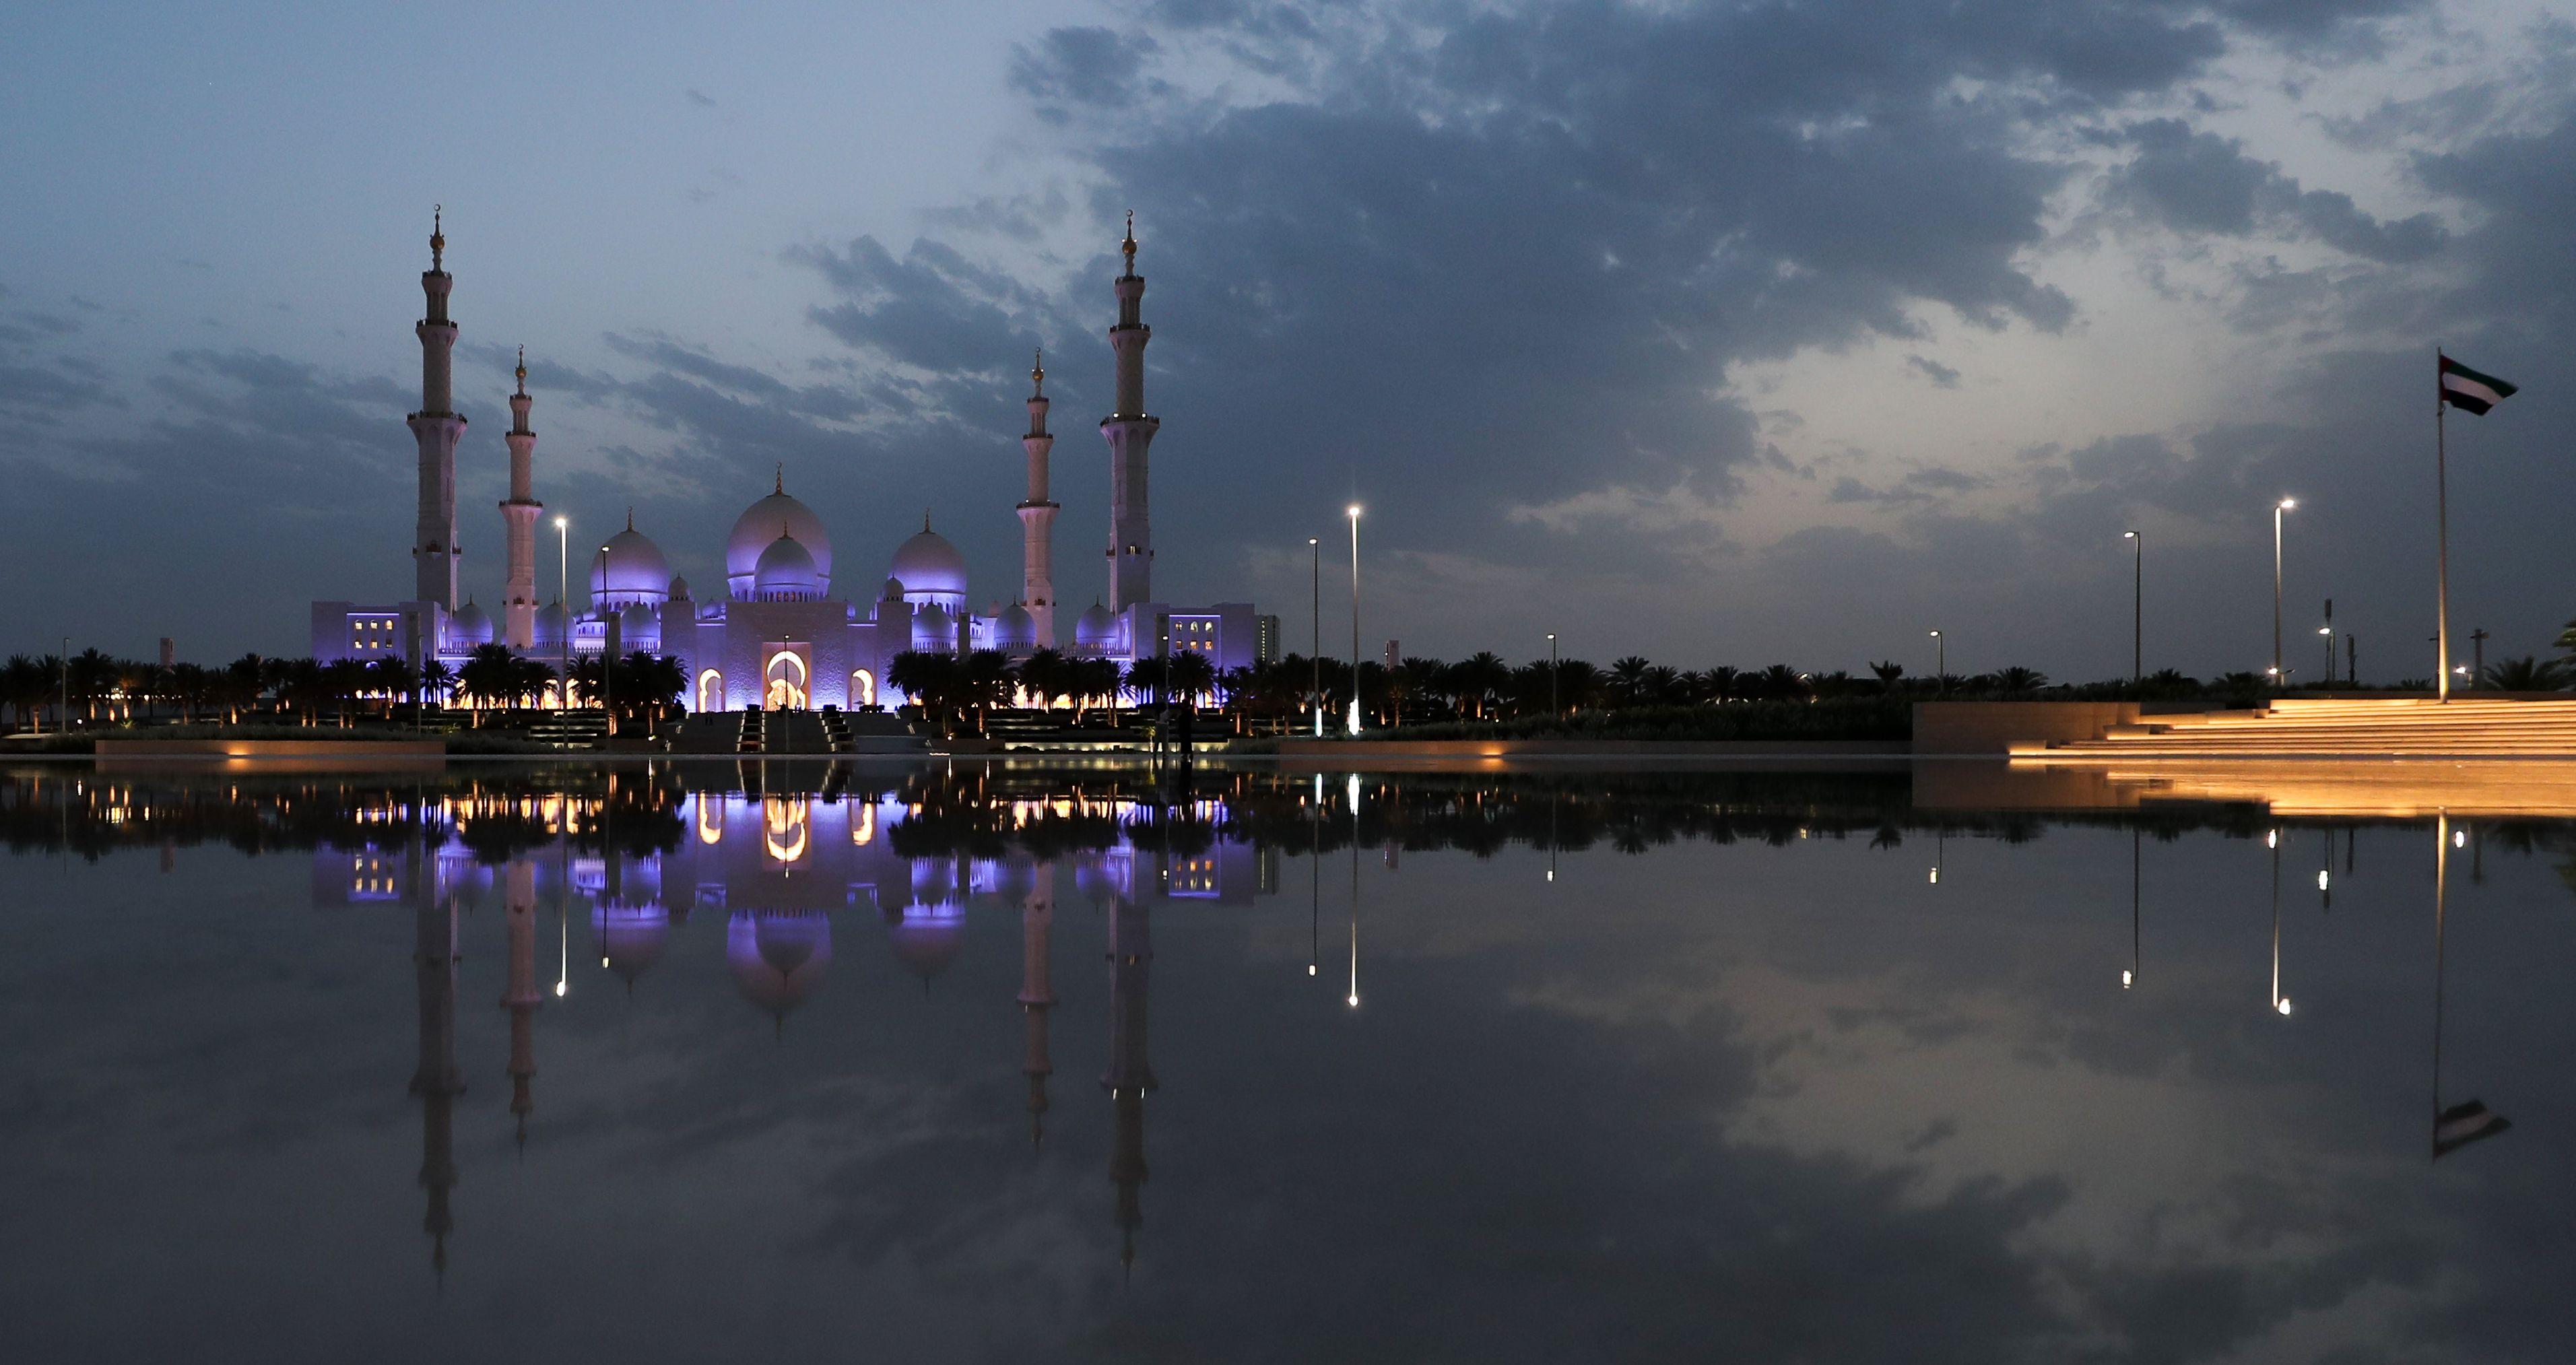 المسجد الكبير في الإمارات